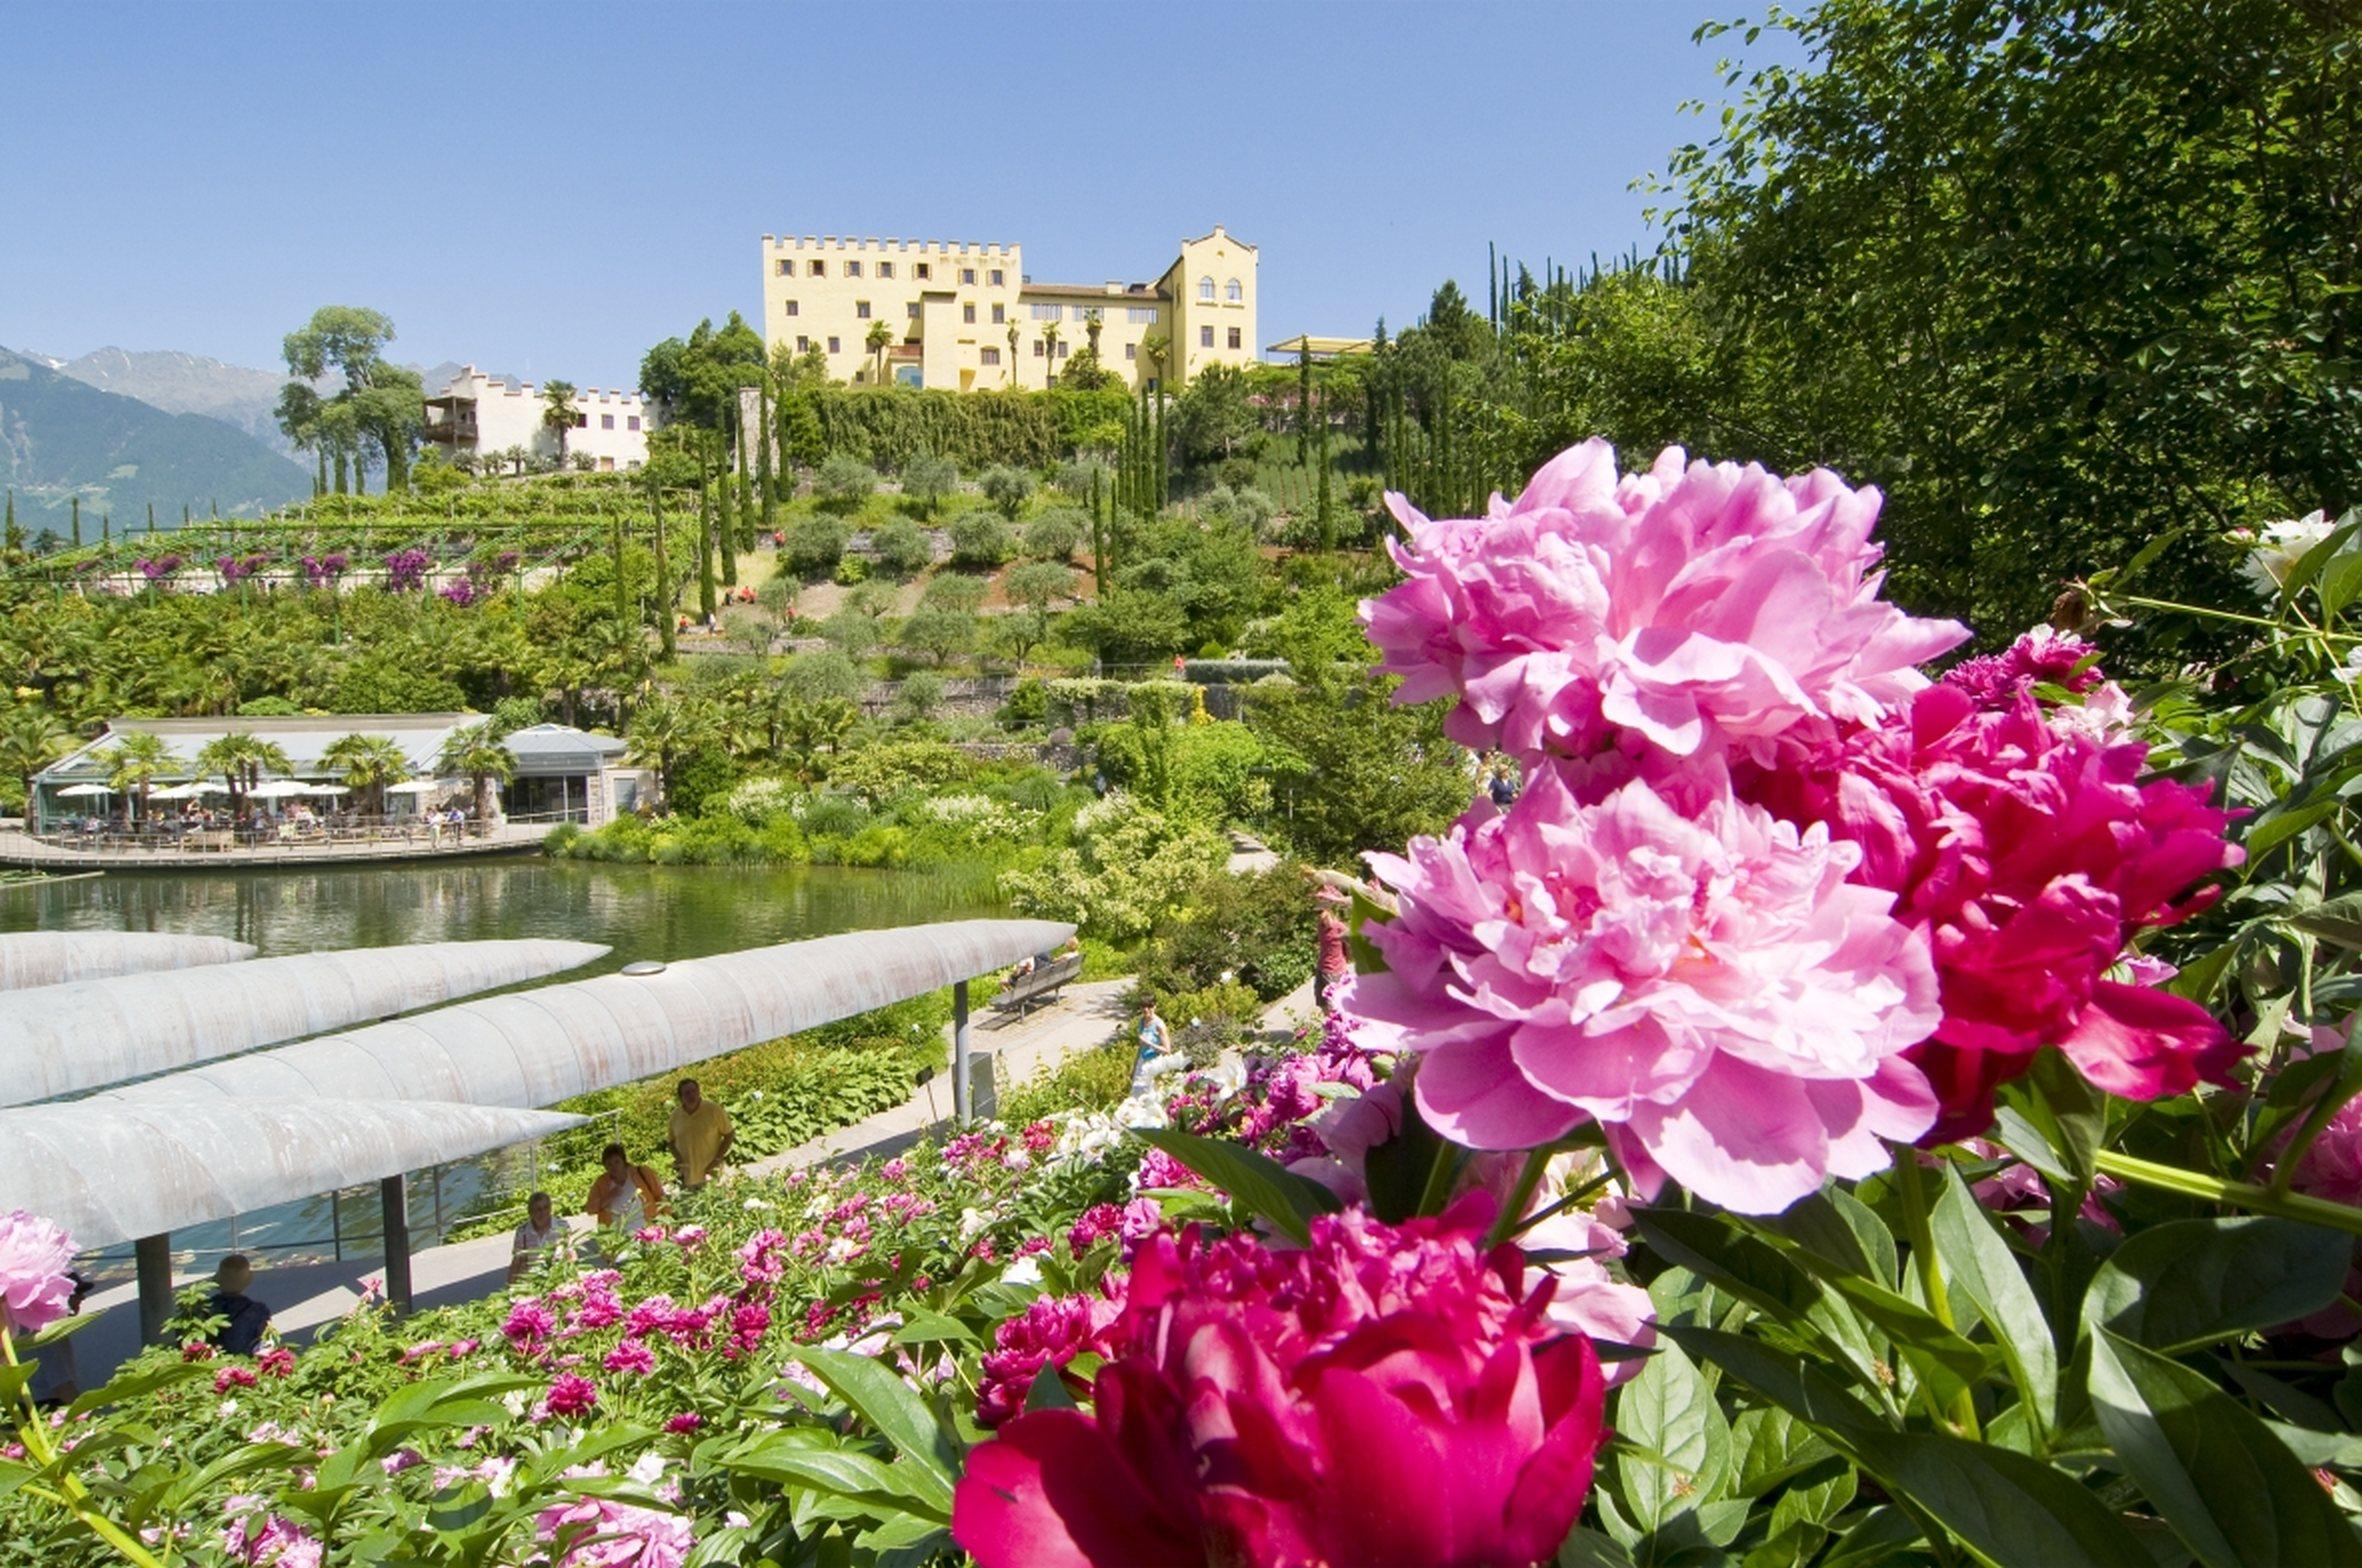 giardini-sissi-in-fiore-e-laghetto-delle-ninfee